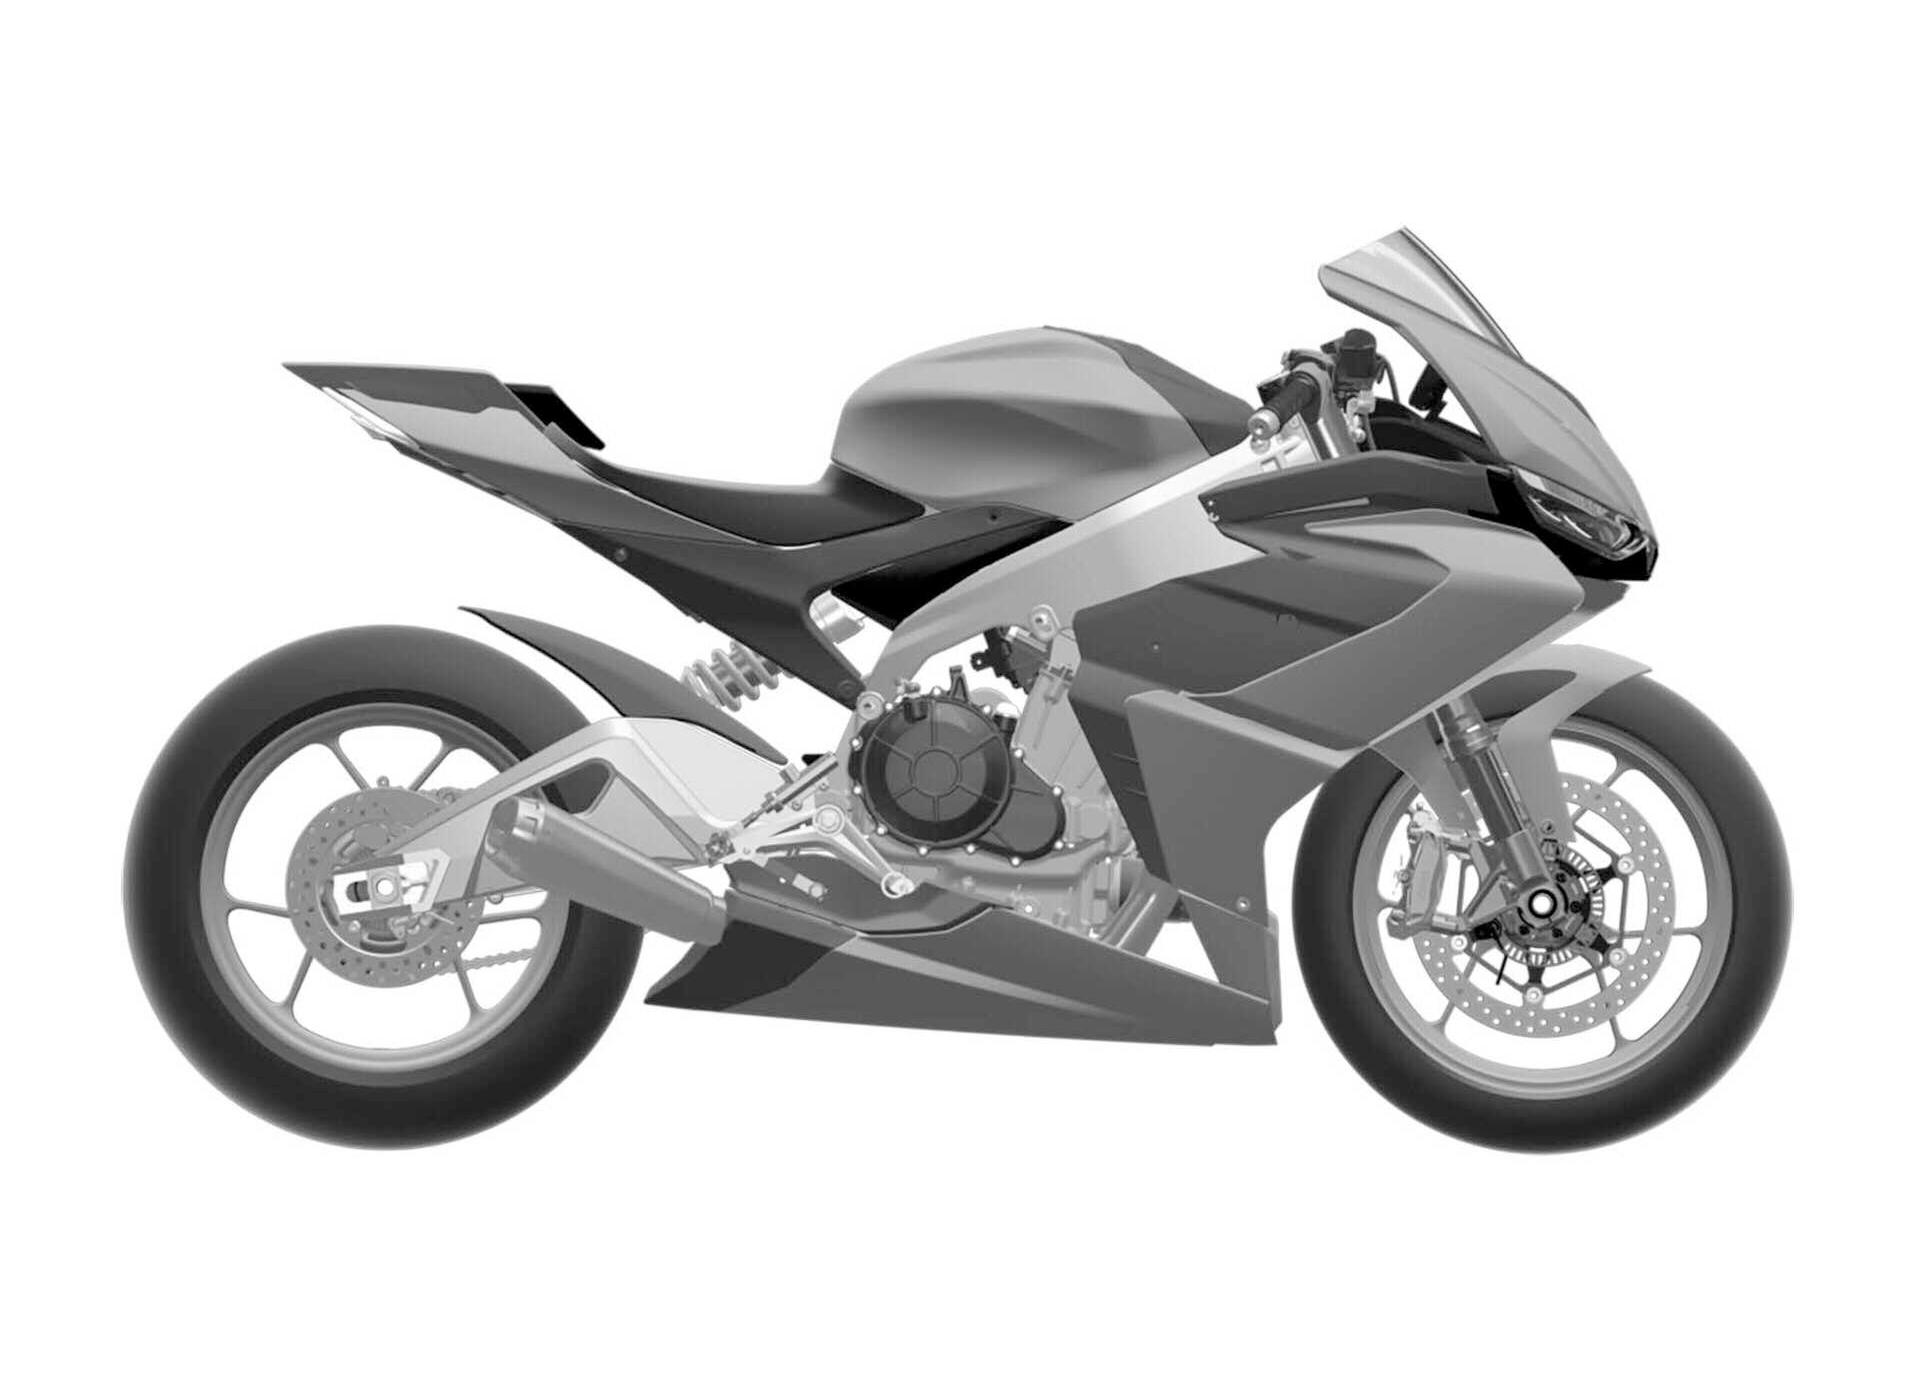 053019-2020-aprilia-rs660-concept-design-right-side